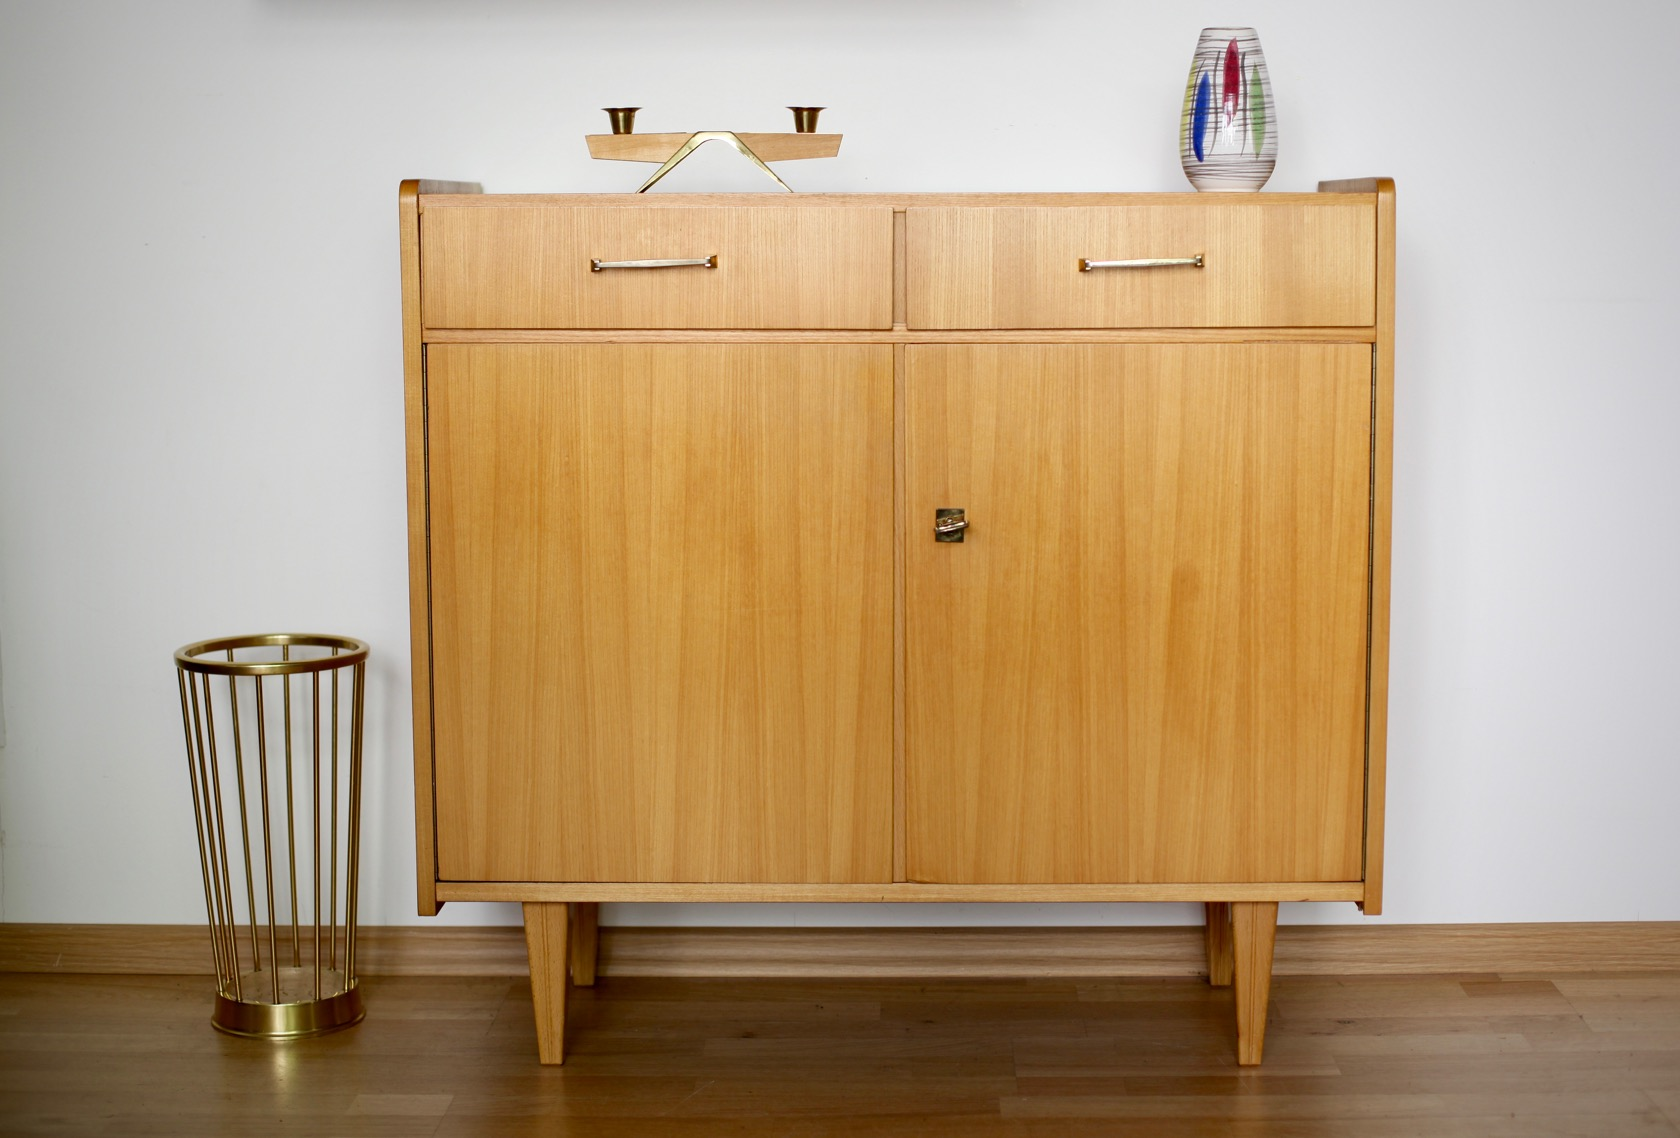 schlichtes 50er jahre sideboard raumwunder vintage wohnen in n rnberg. Black Bedroom Furniture Sets. Home Design Ideas